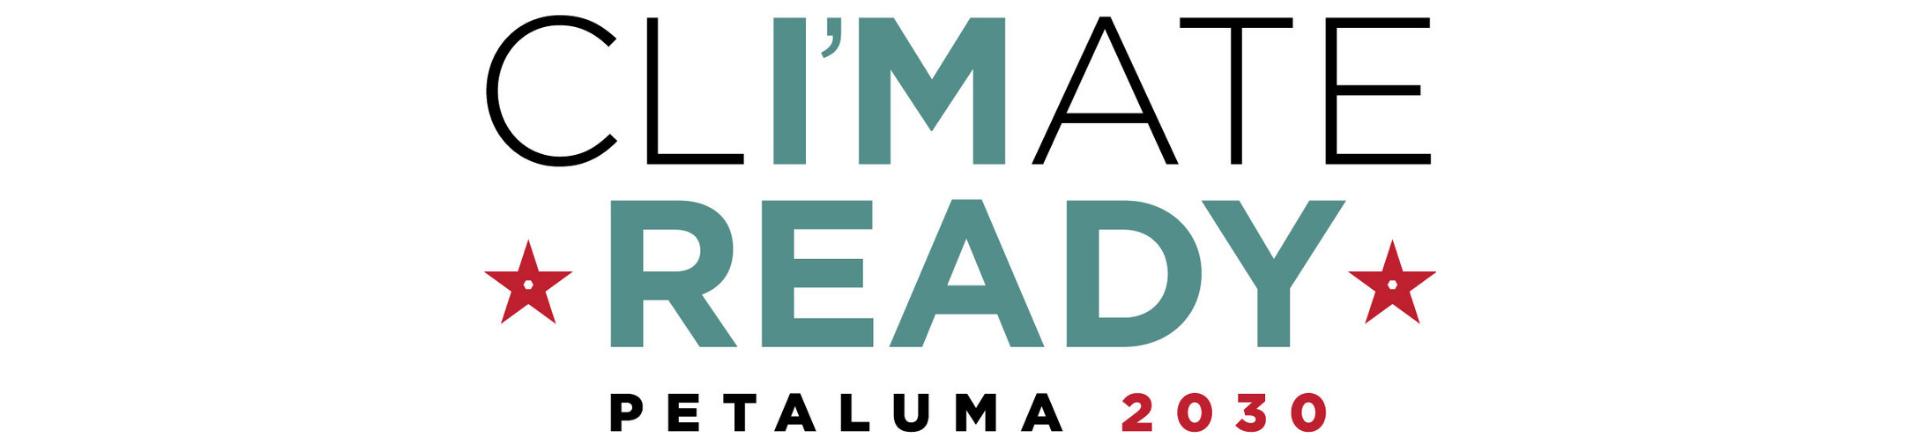 climate ready 2030 logo